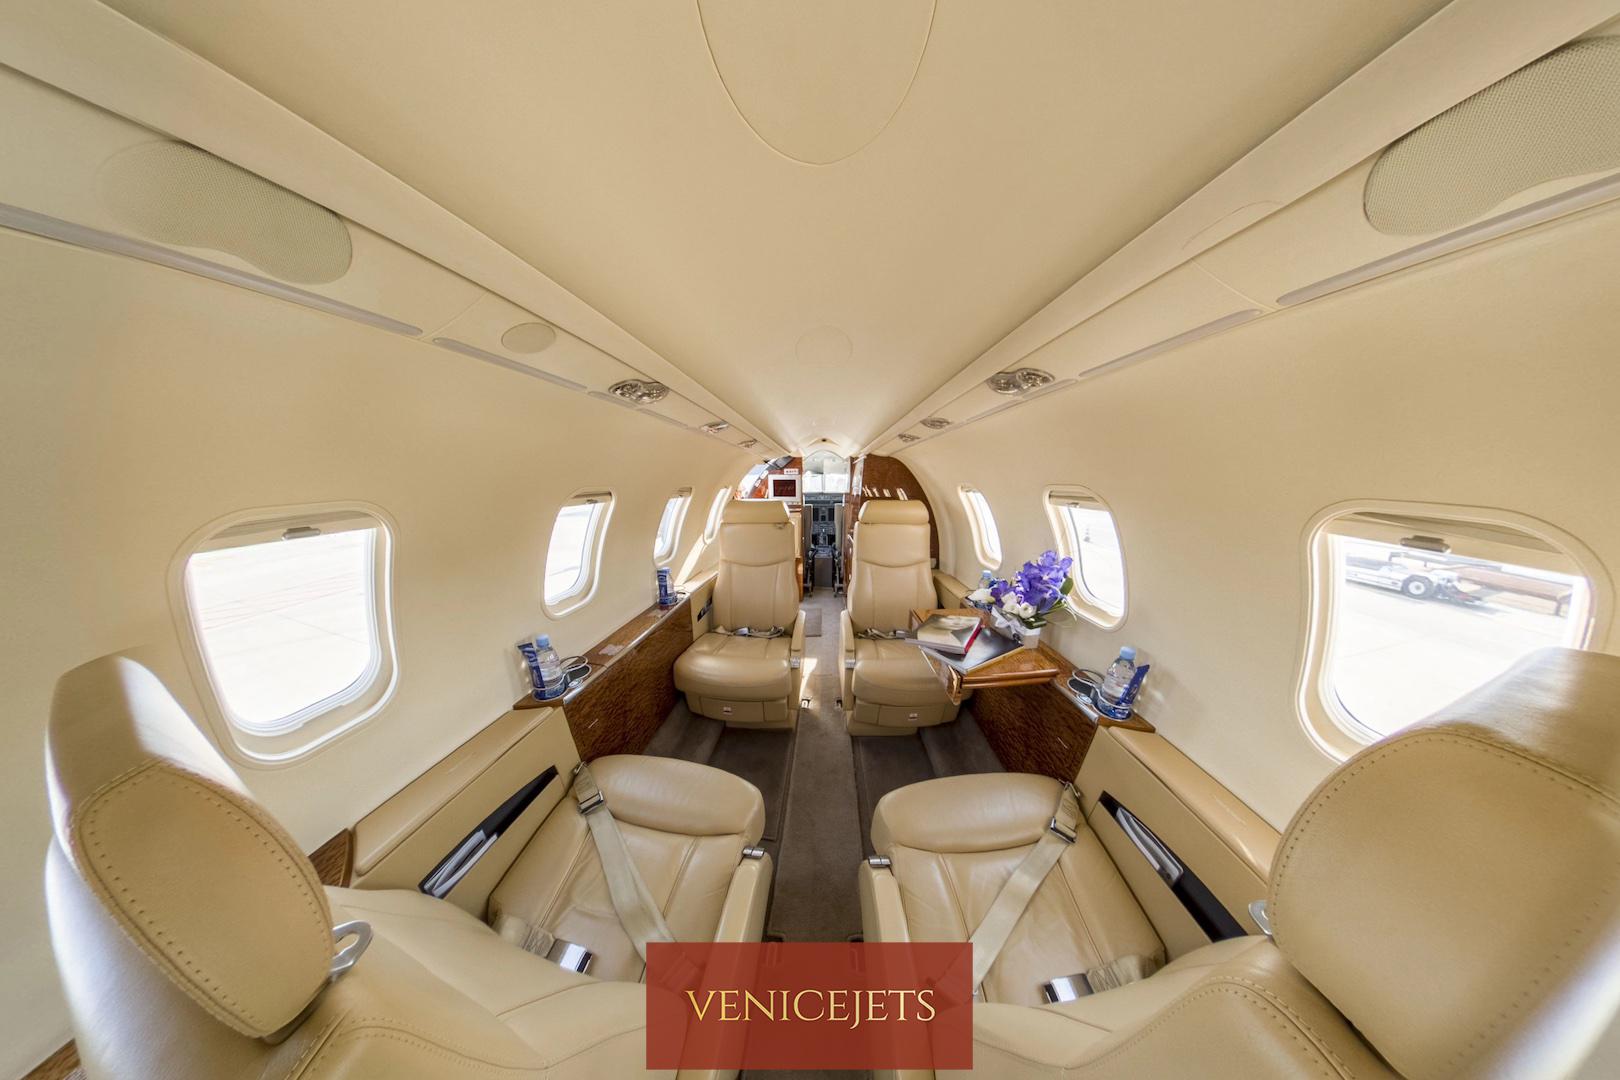 Learjet 40 - top